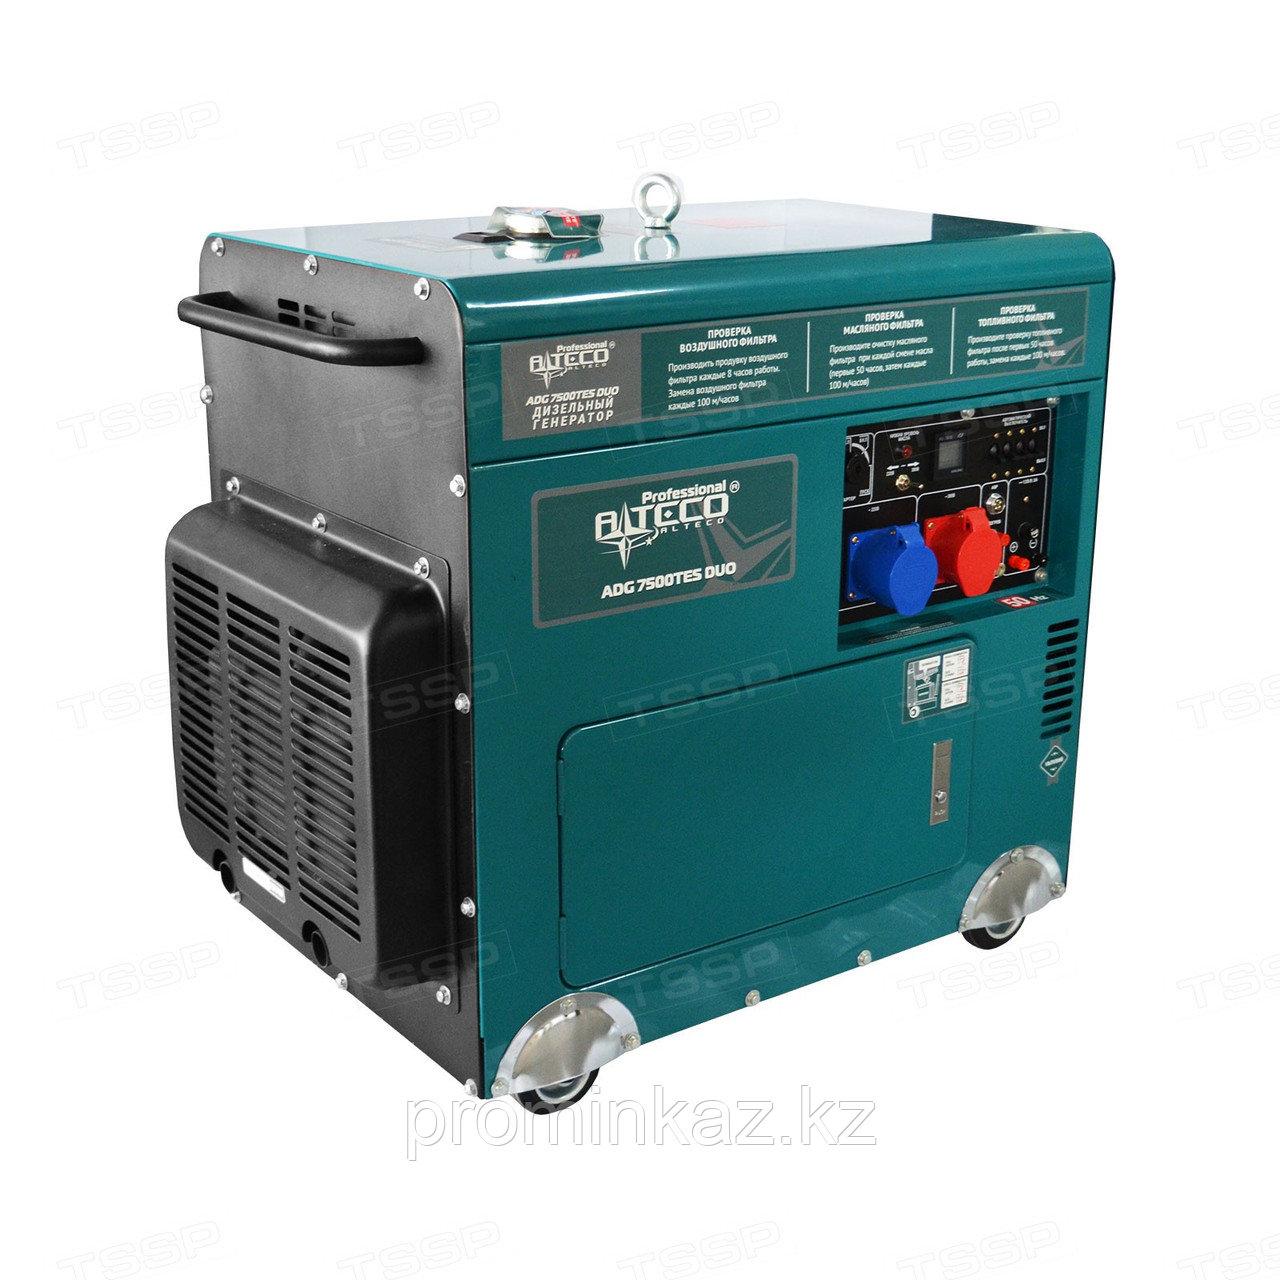 Дизельный генератор Alteco Professional ADG 7500TES DUO - 7кВт